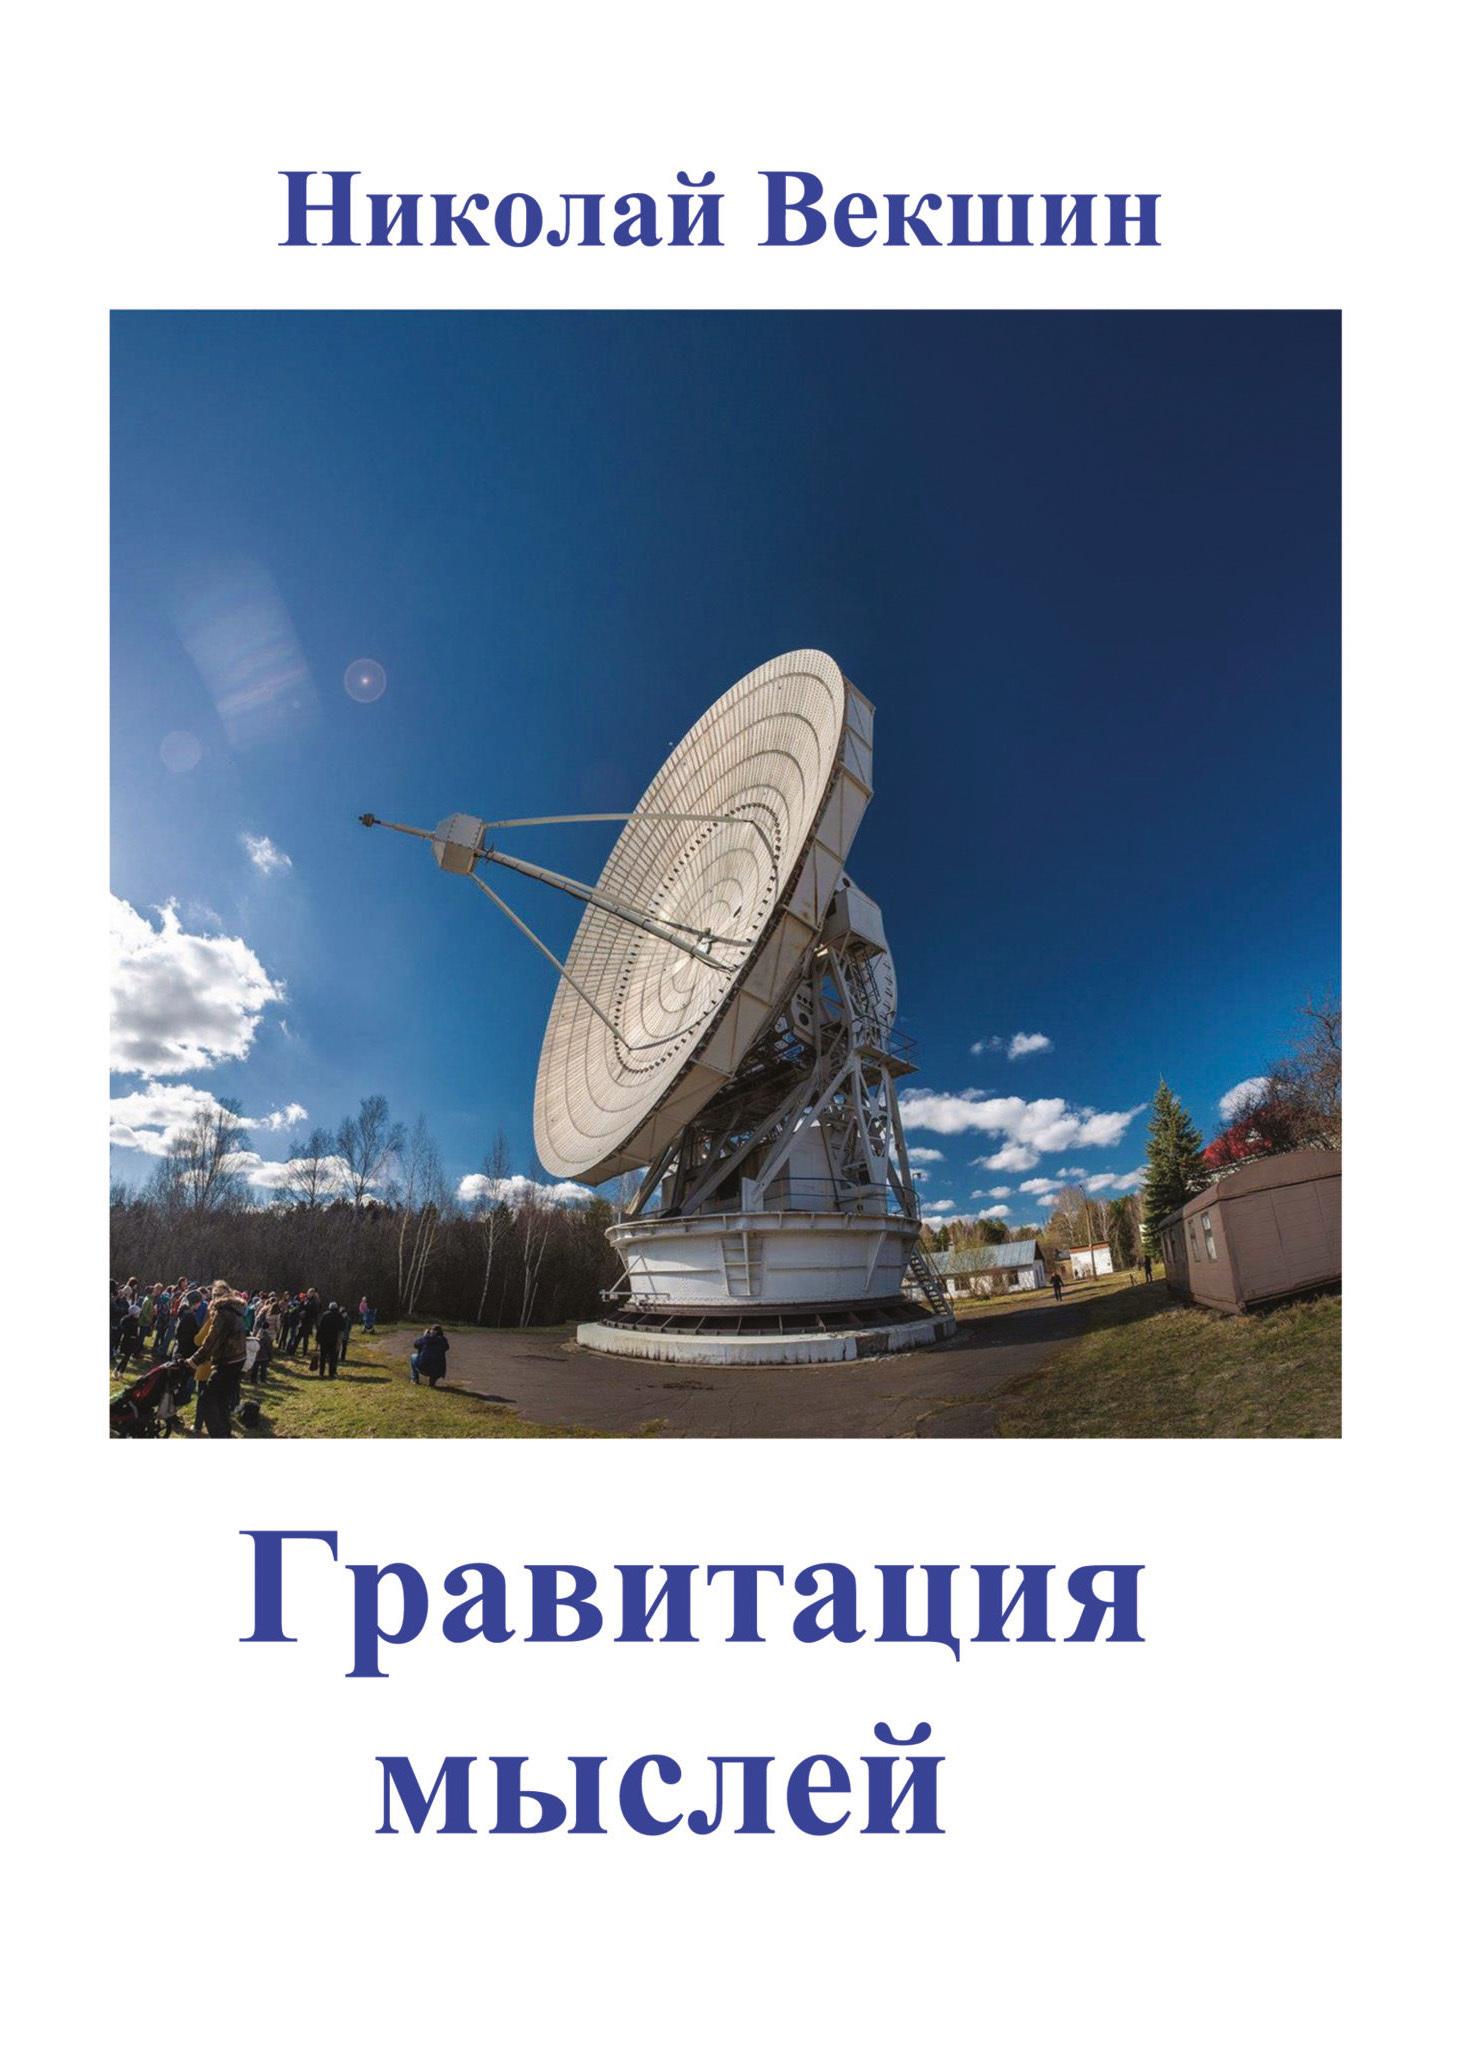 Николай Векшин - Гравитация мыслей (сборник)